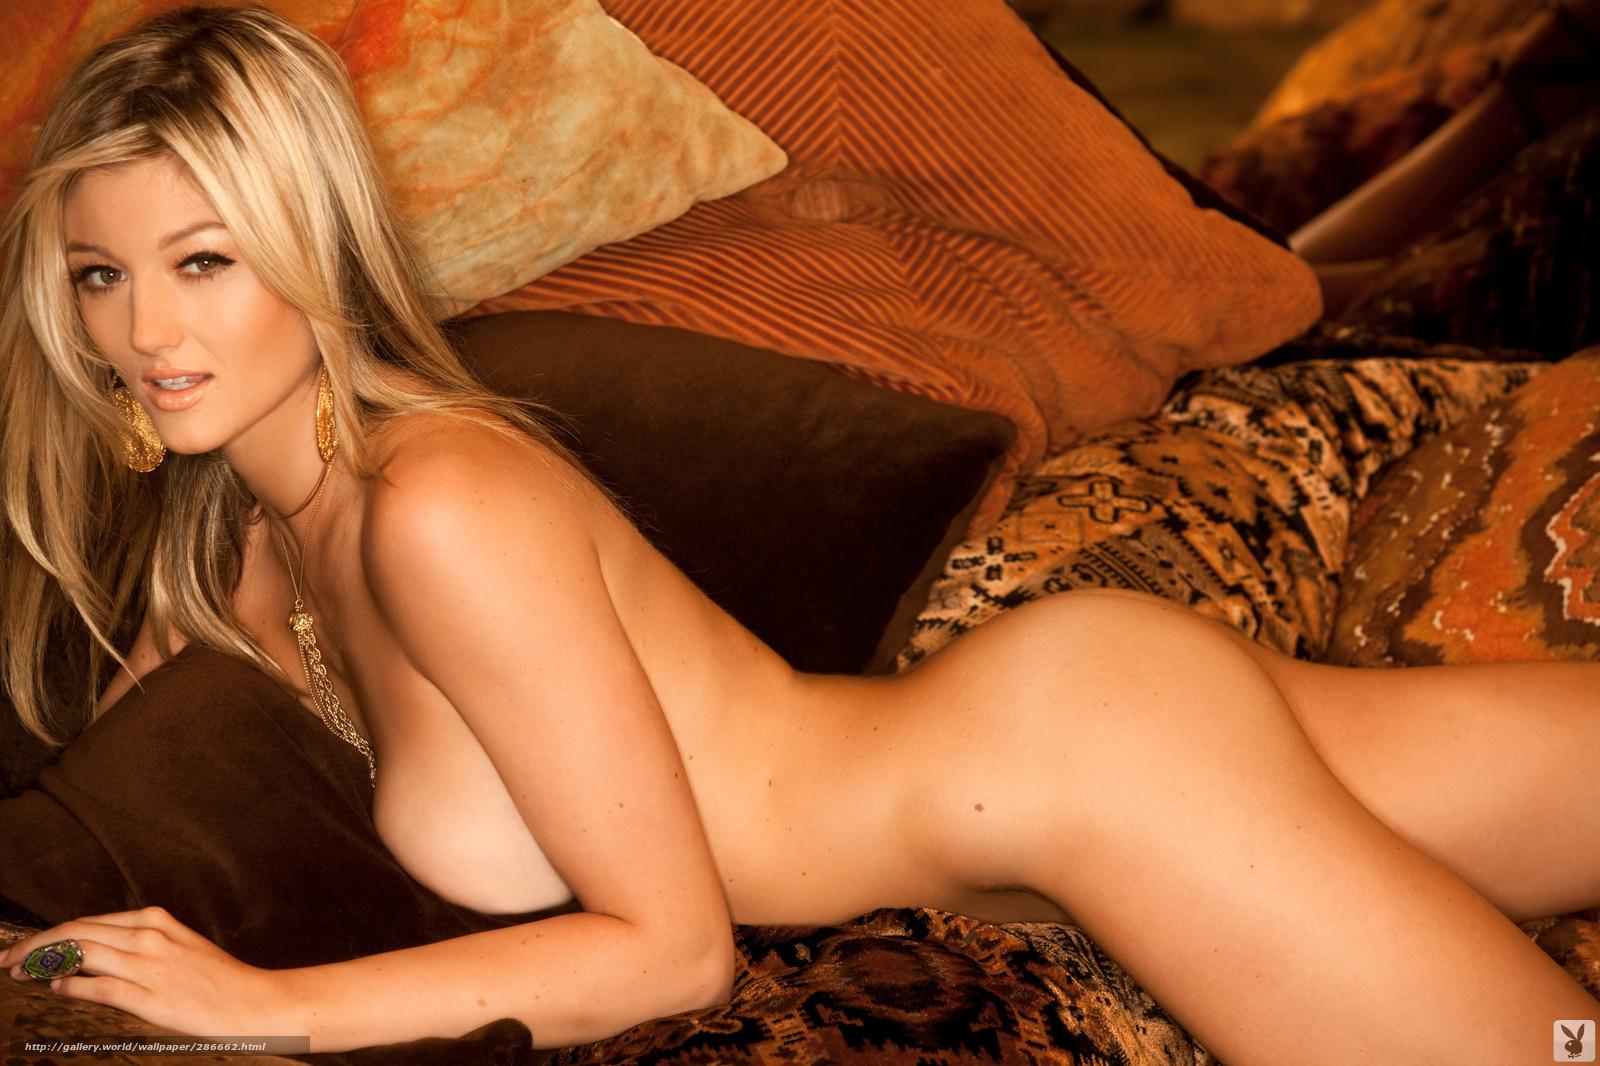 С блондинкой с офигенной грудью 14 фотография